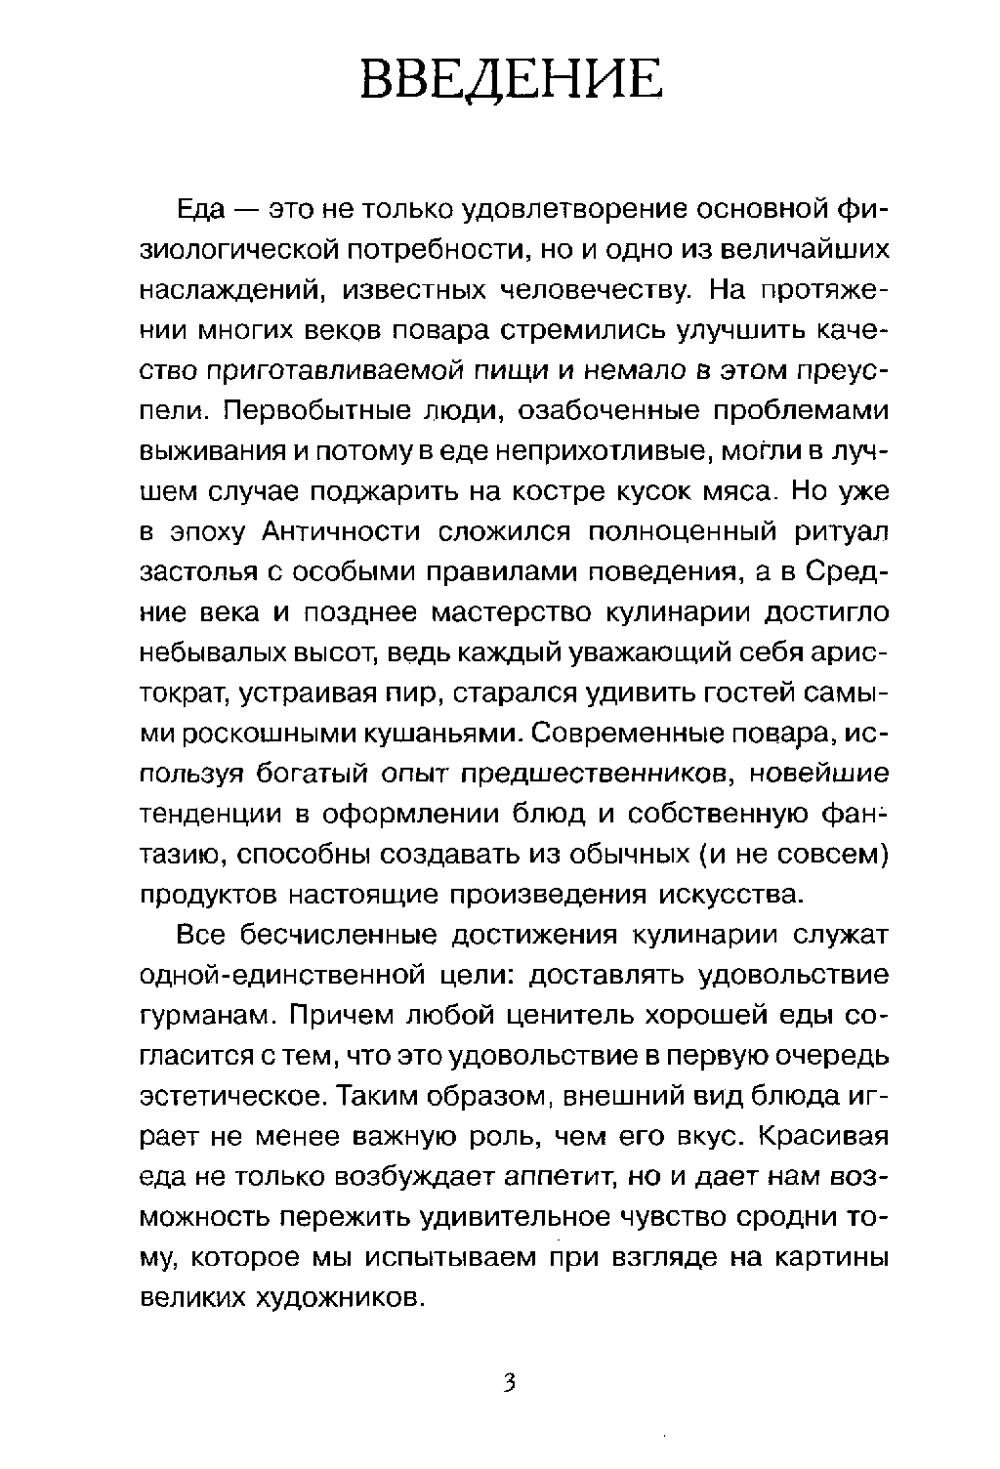 http://i5.imageban.ru/out/2013/12/11/75c953b0c80608a80d284513628b5697.jpg